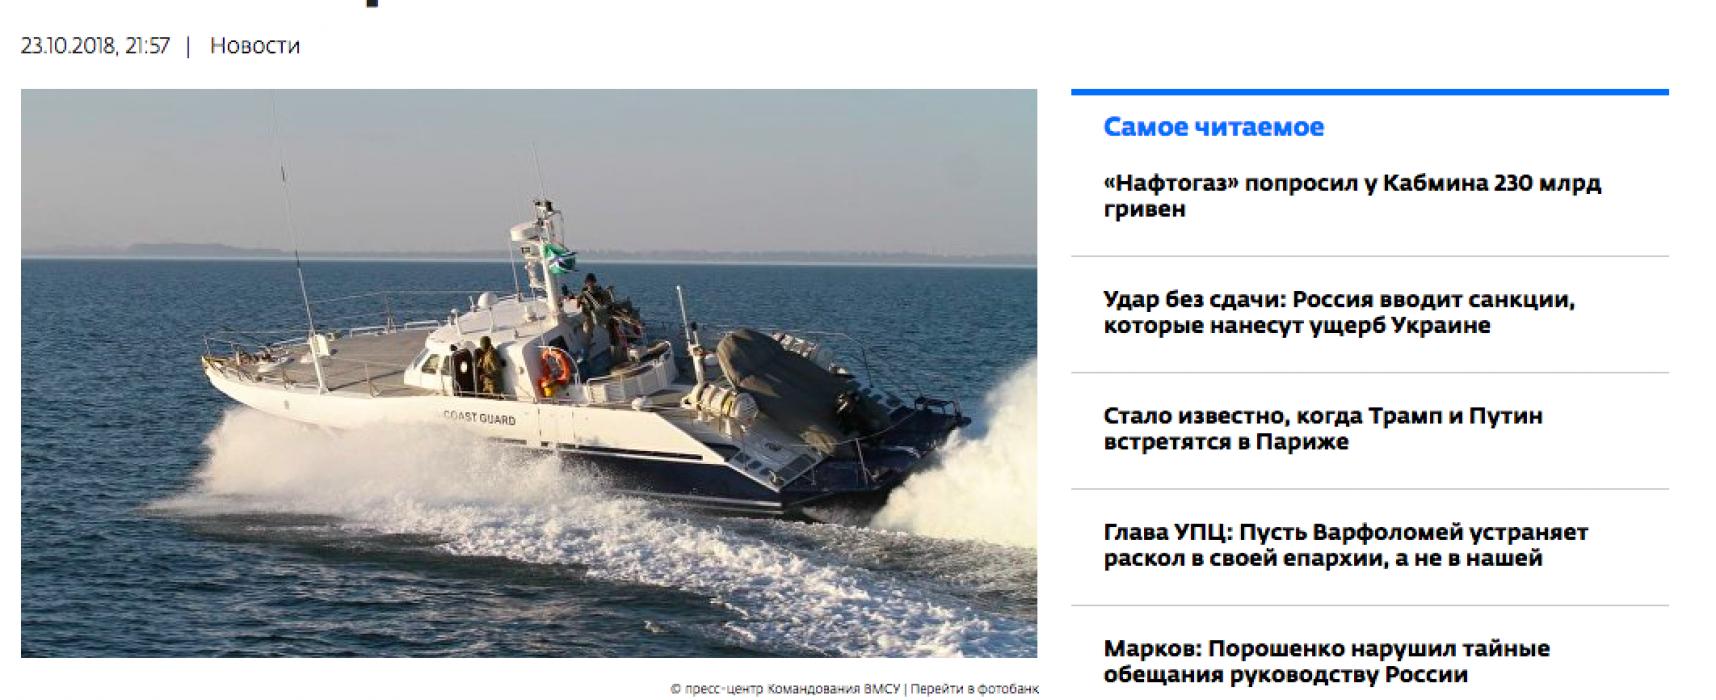 Fake: L'UE mette in guardia l'Ucraina contro la militarizzazione del Mar d'Azov